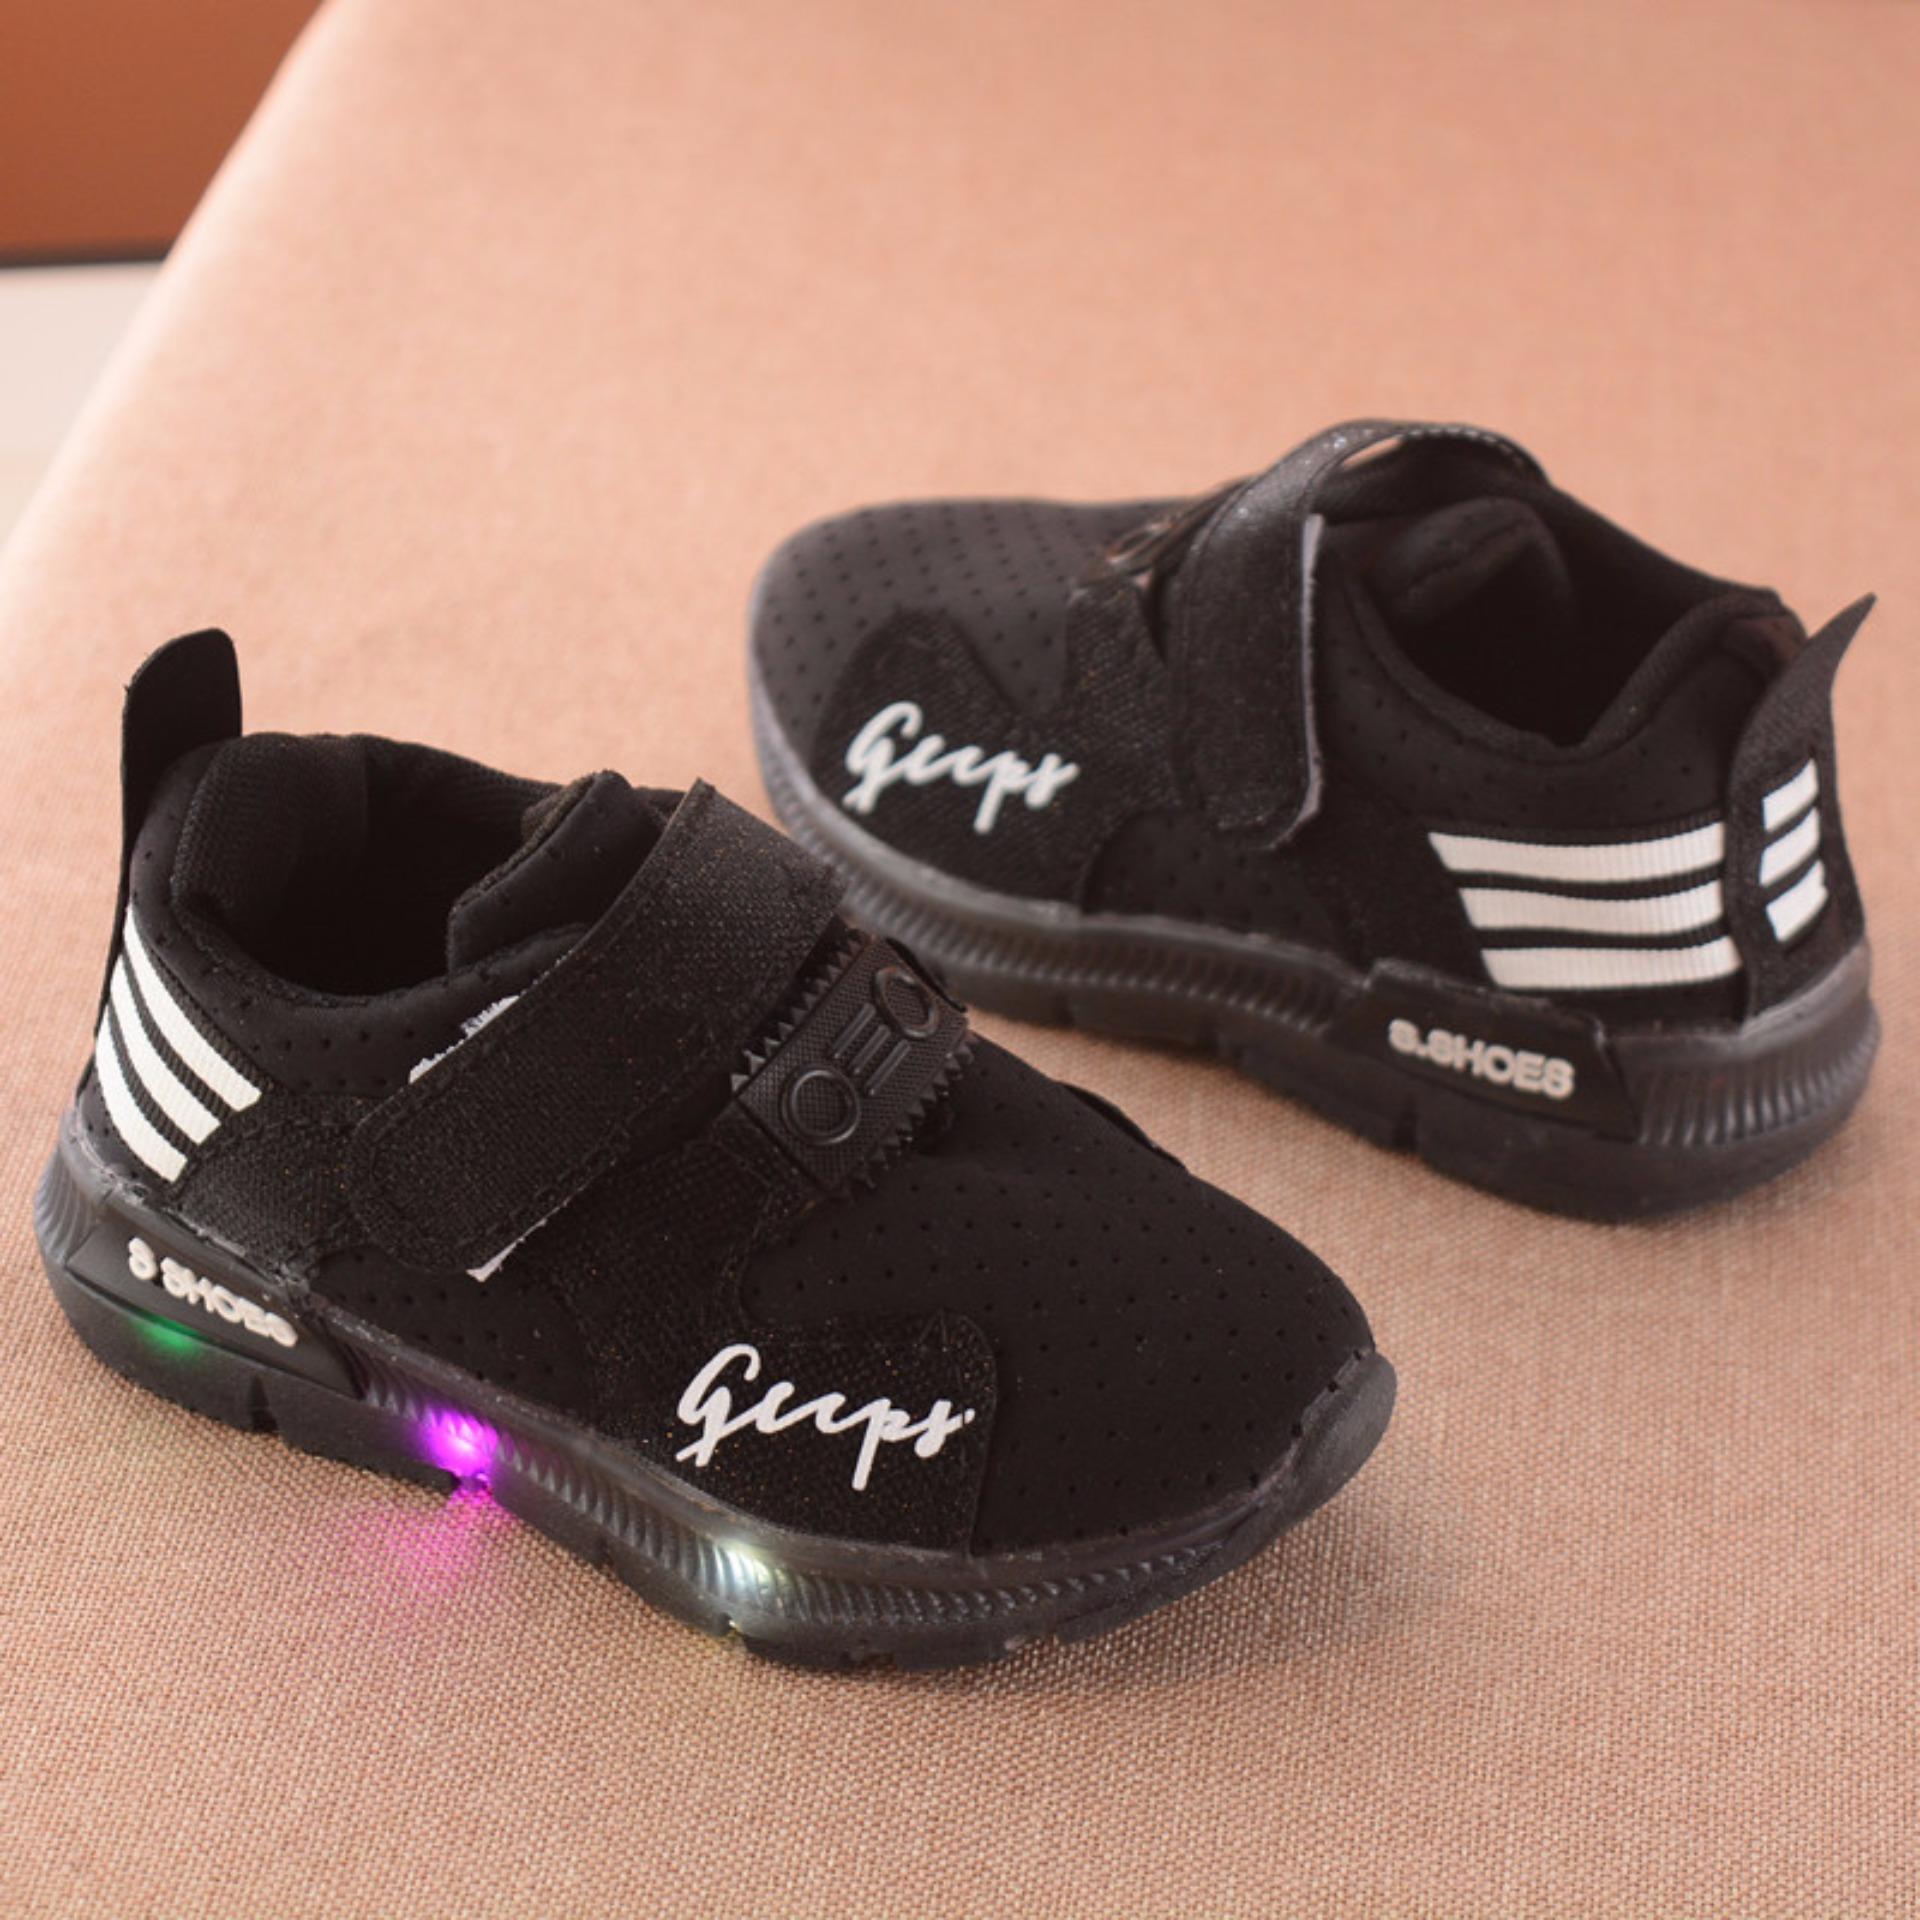 Giày thể thao siêu nhẹ cho bé – Size 21 đến 30 – gupy – đen – đèn led